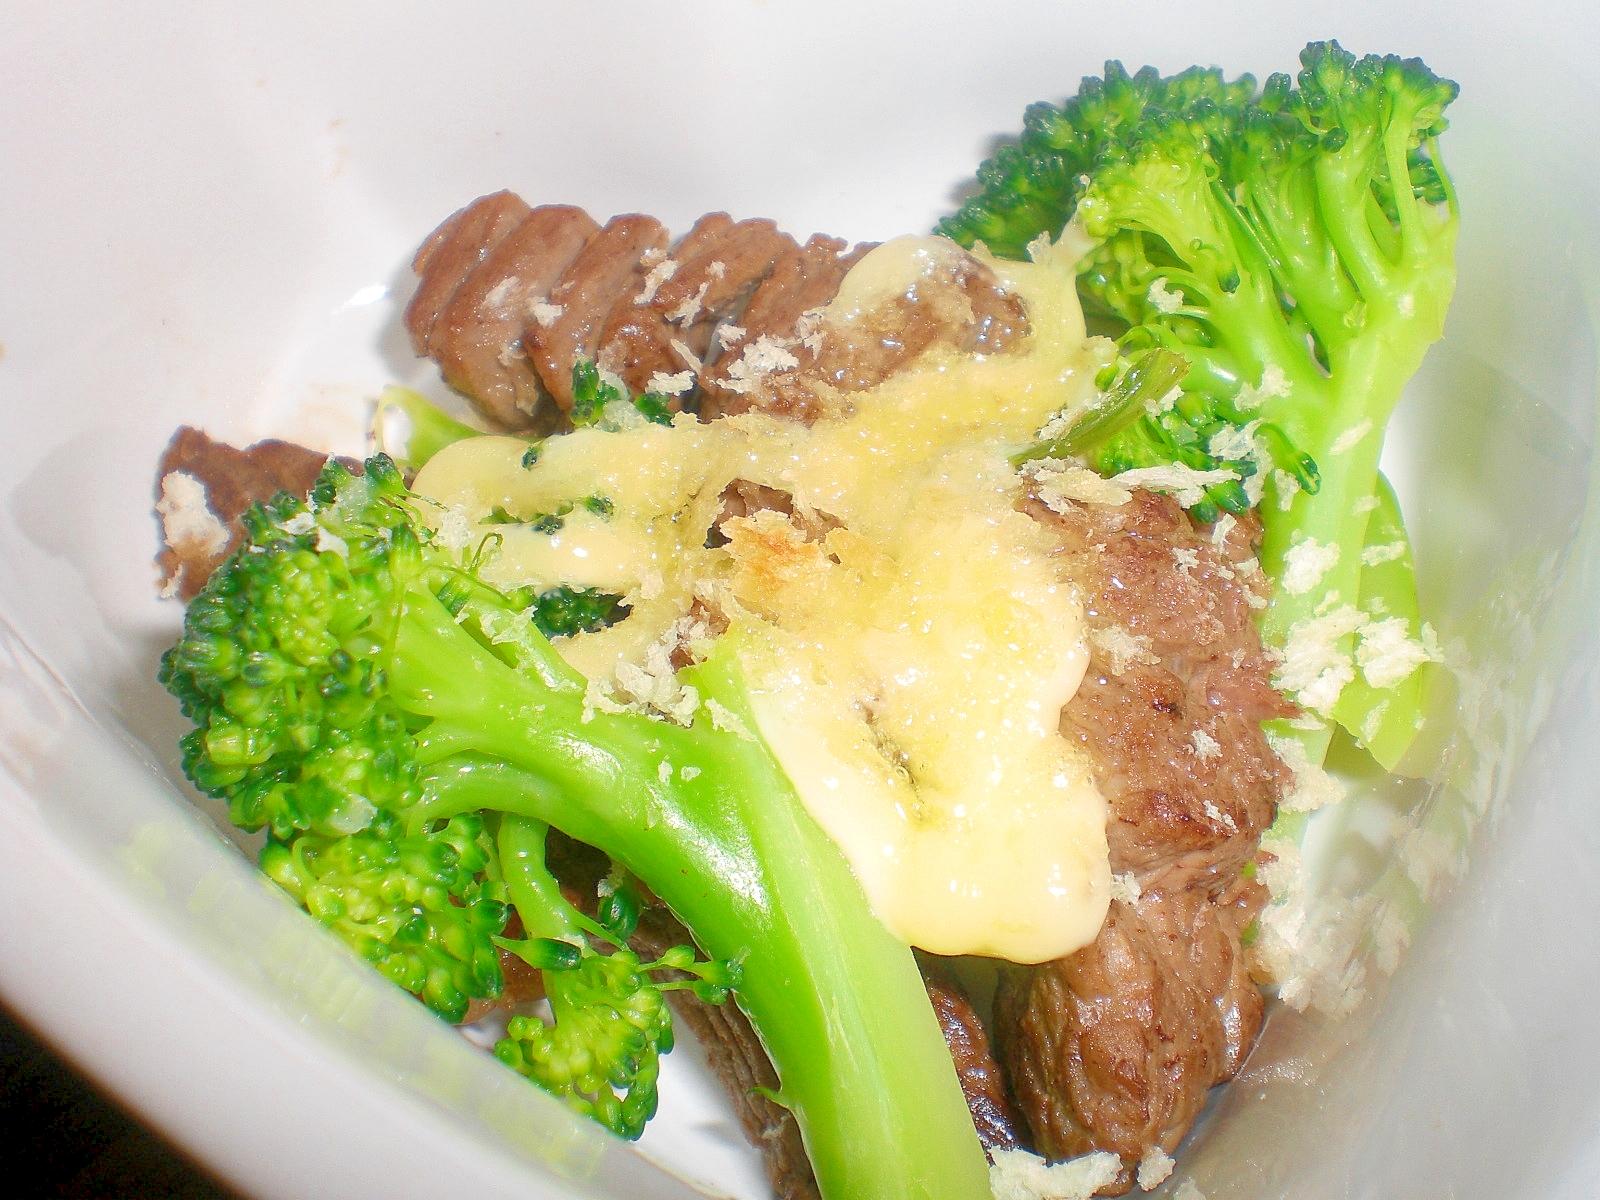 牛肉とブロッコリーのシーザーオーブン焼き